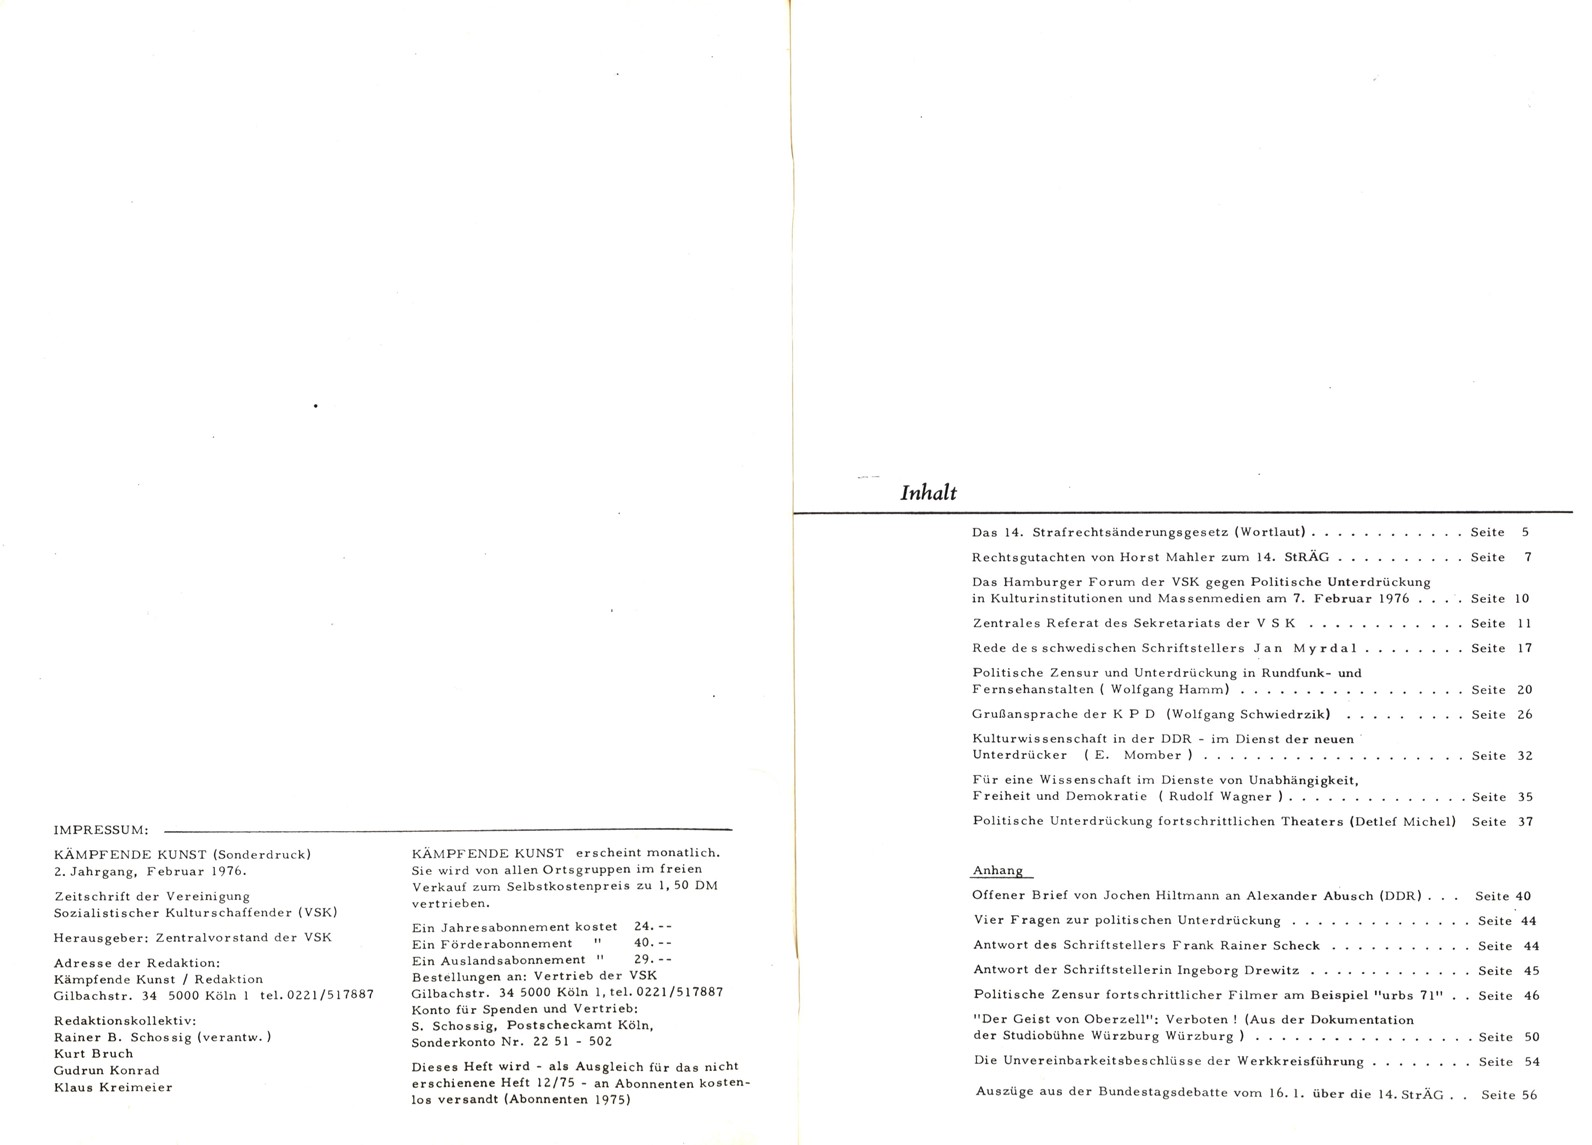 VSK_Kaempfende_Kunst_19760200_Sonderdruck_02